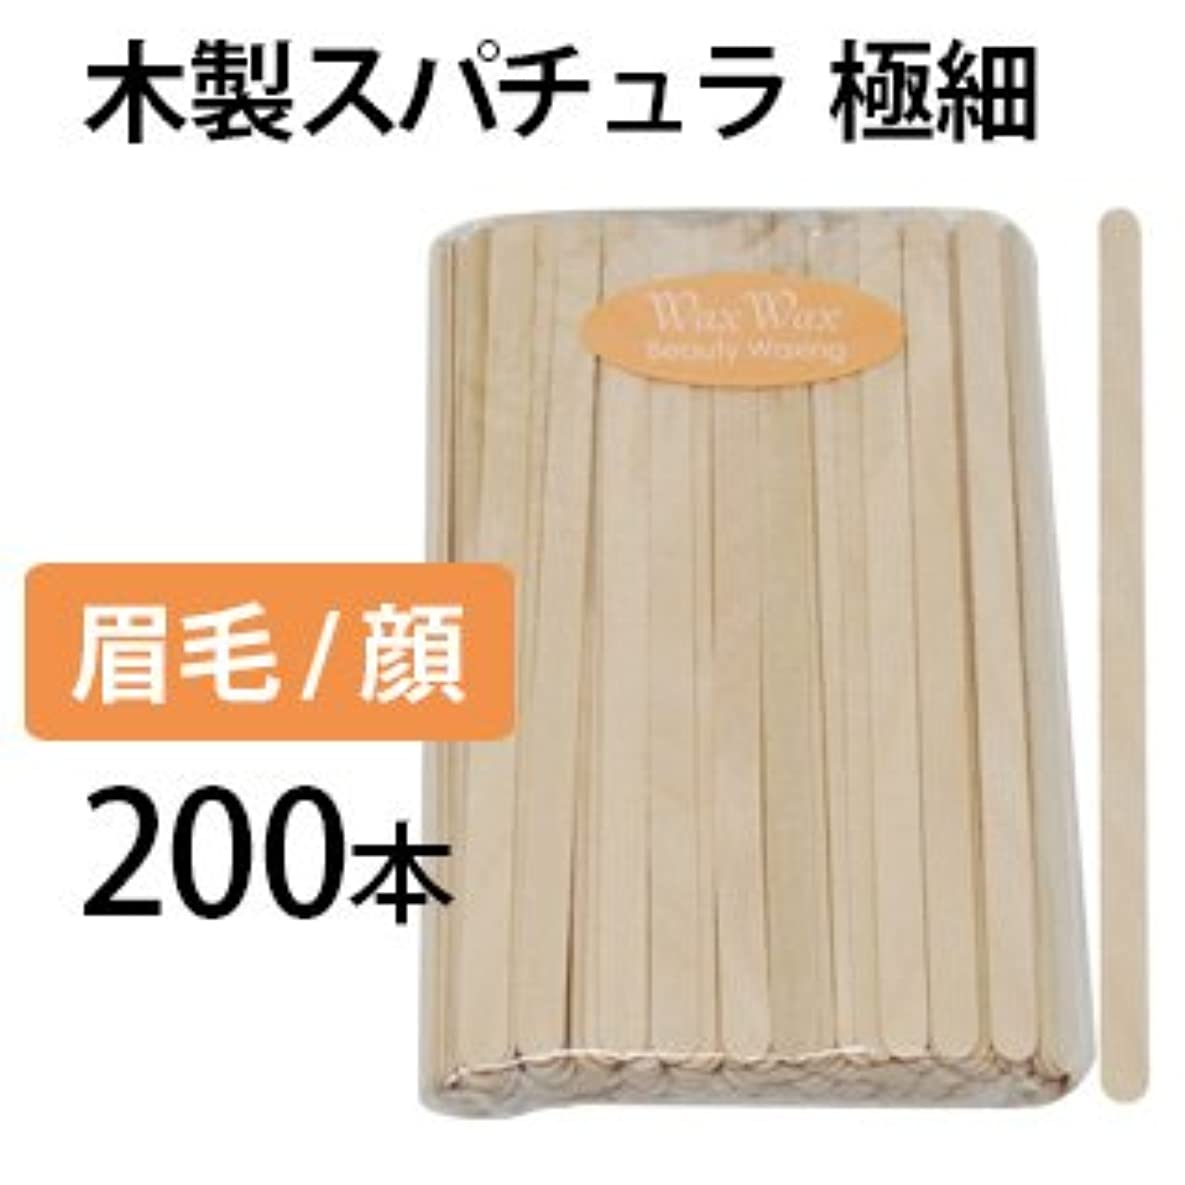 制限された大学再発する眉毛 アイブロウ用スパチュラ 200本セット 極細 木製スパチュラ 使い捨て